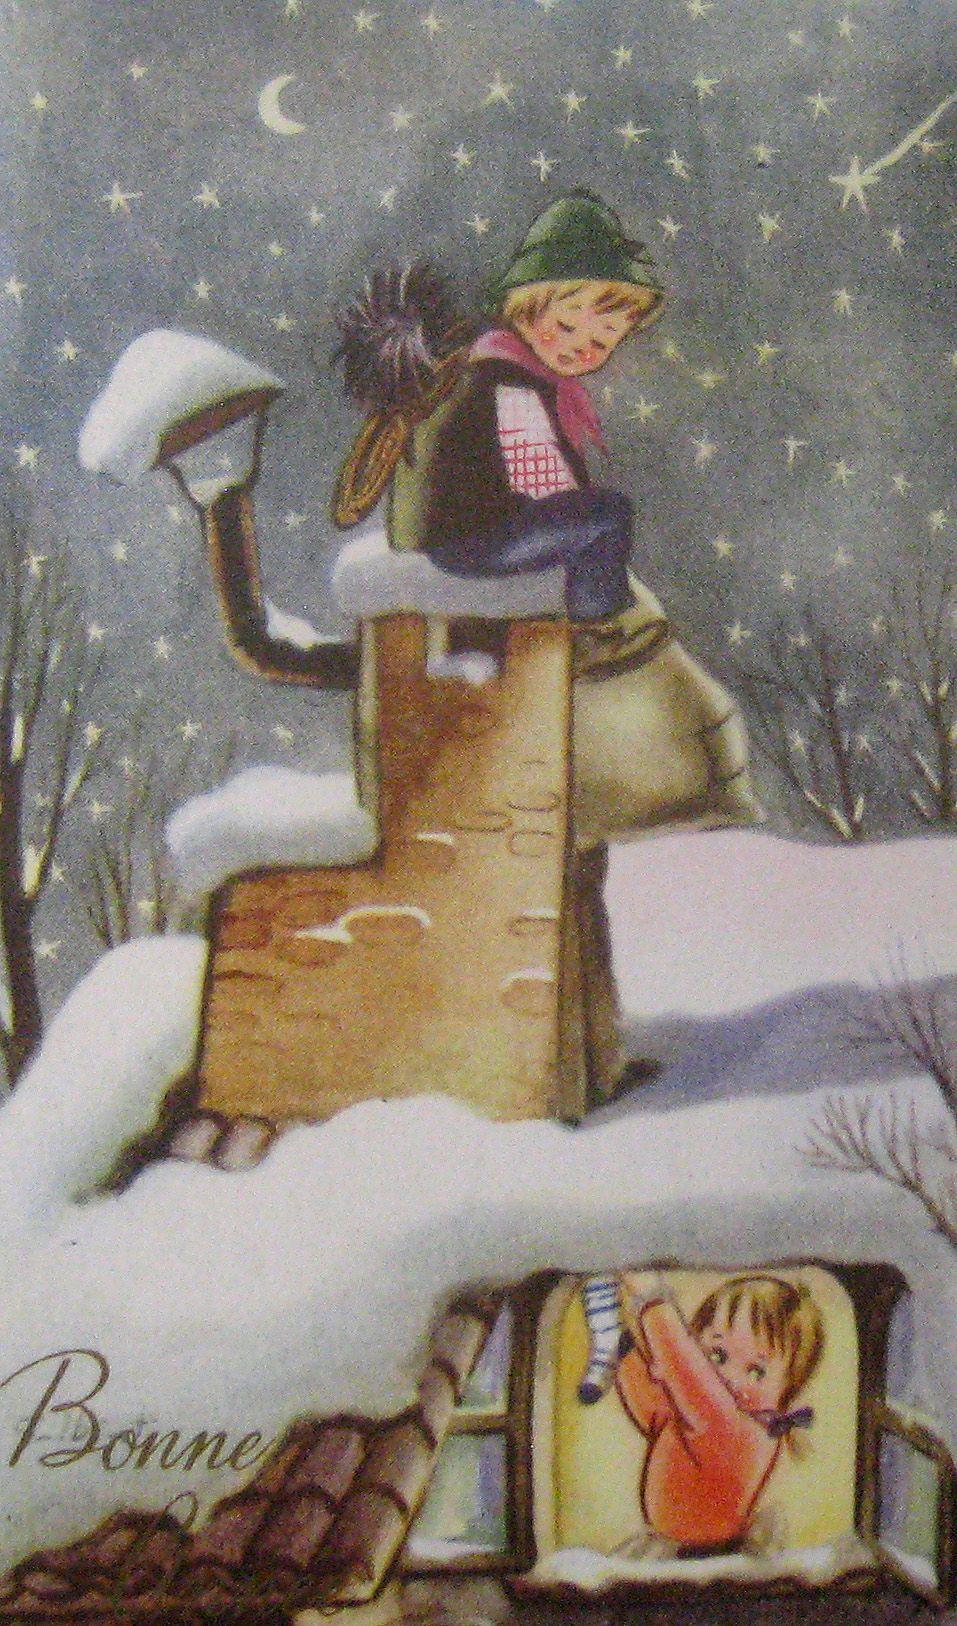 Weihnachtsbilder Klassisch.Vintage Christmas Postcard Italy Weihnachtsbilder Vintage